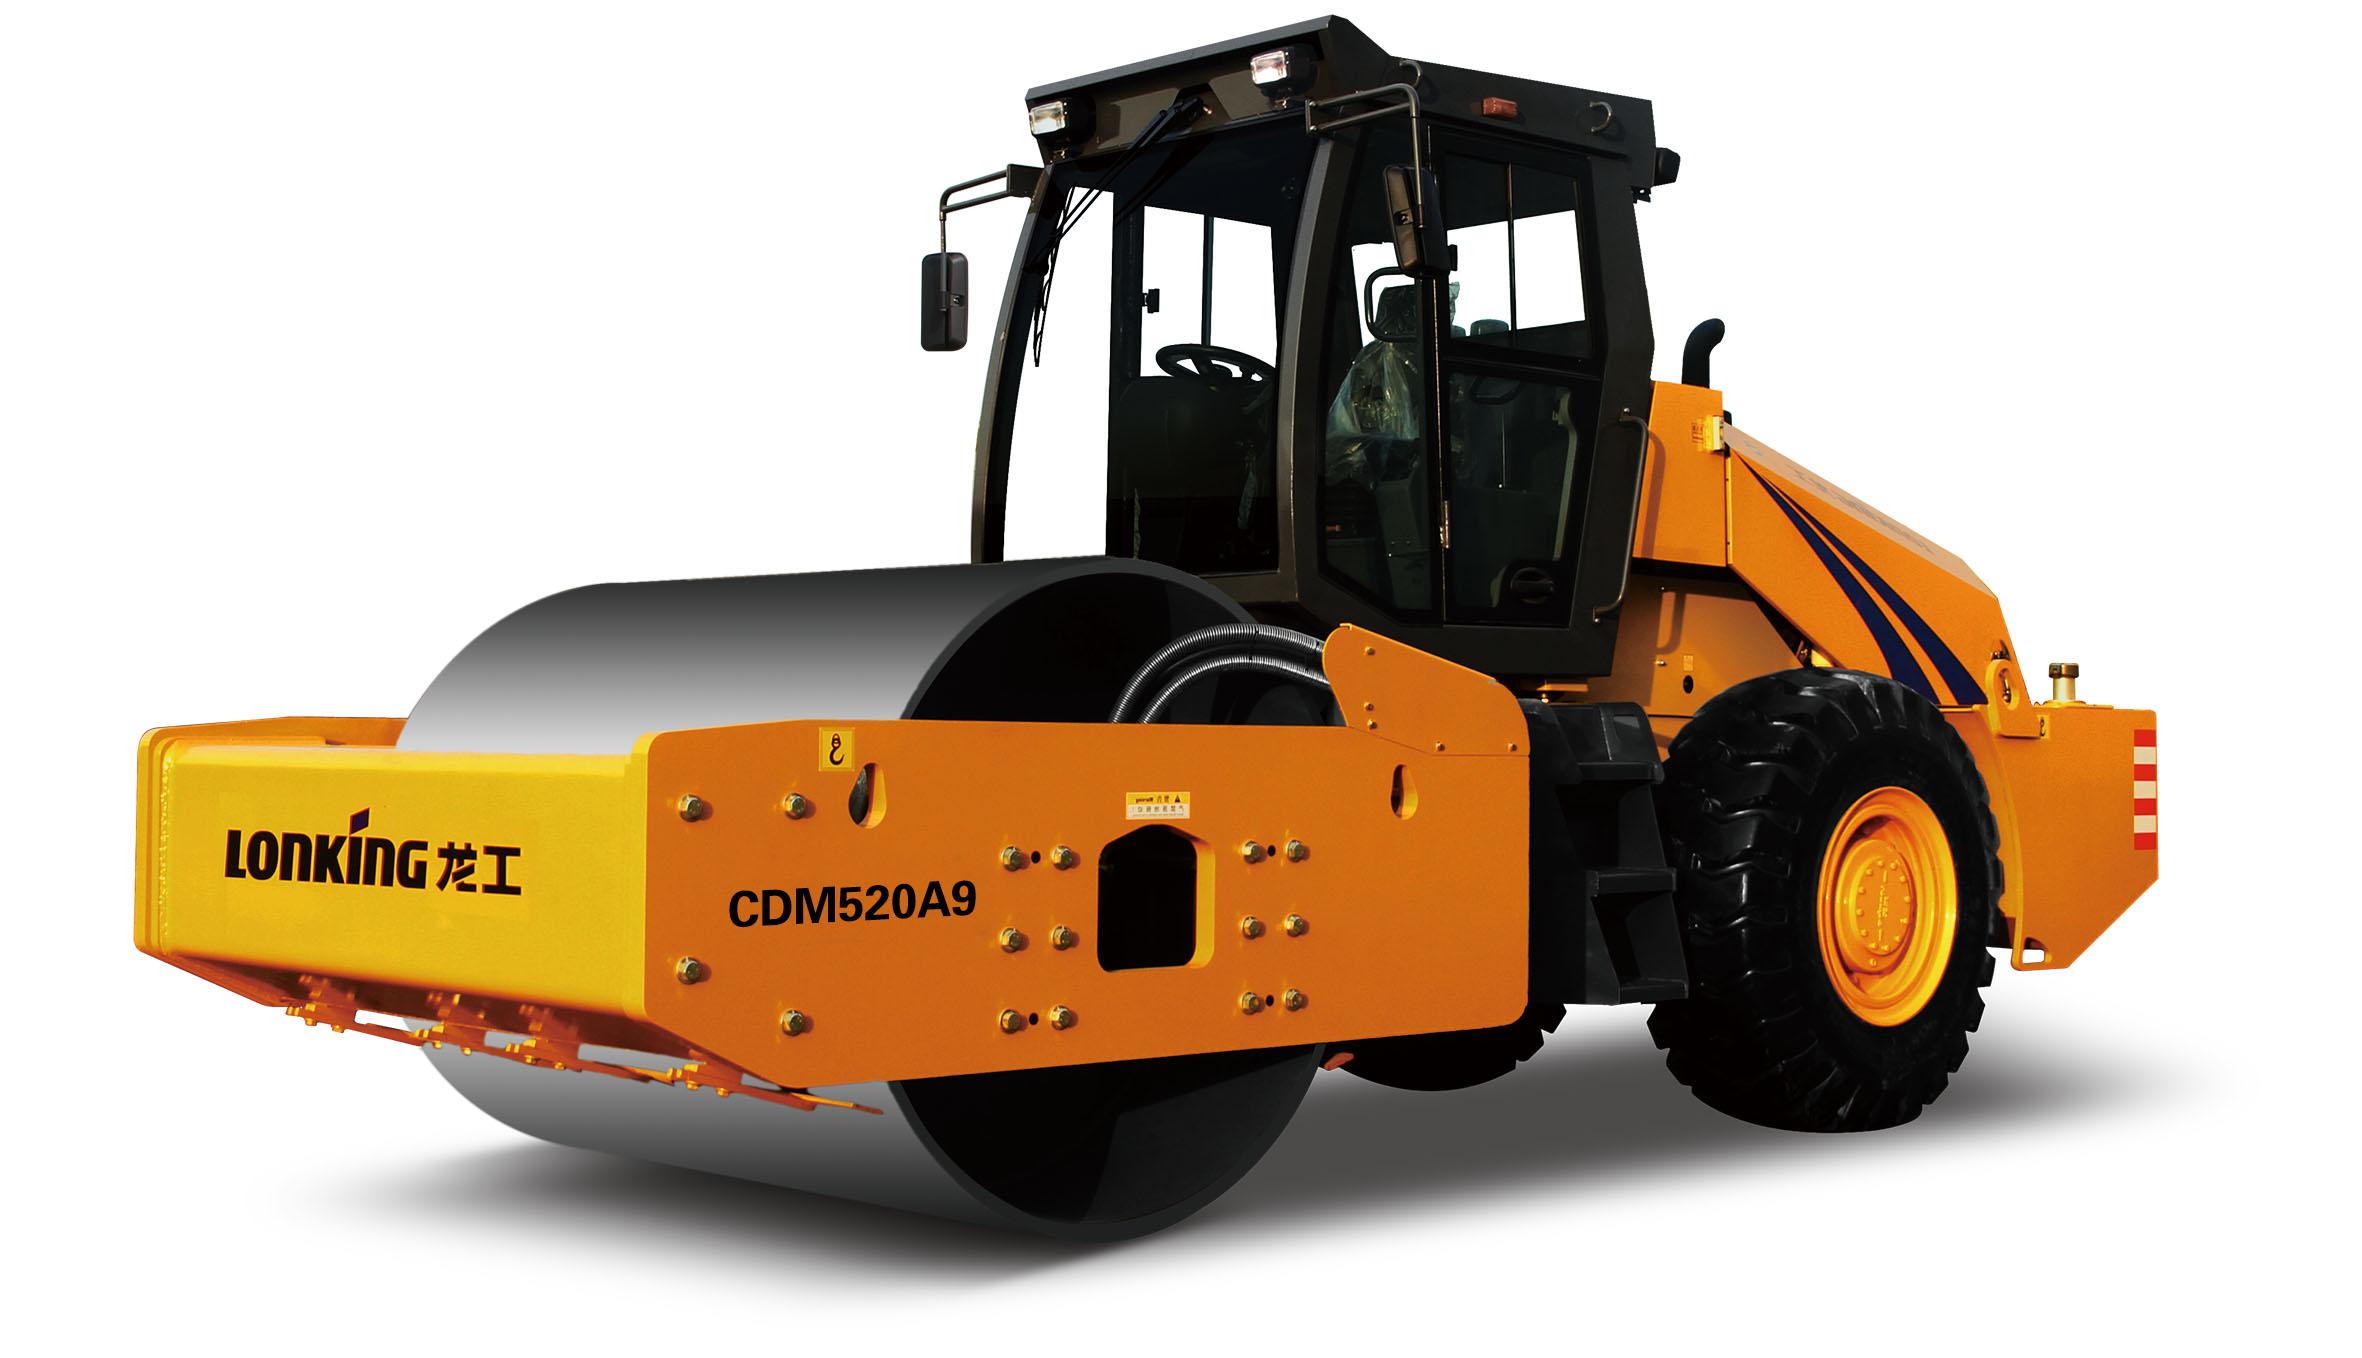 CDM520A9